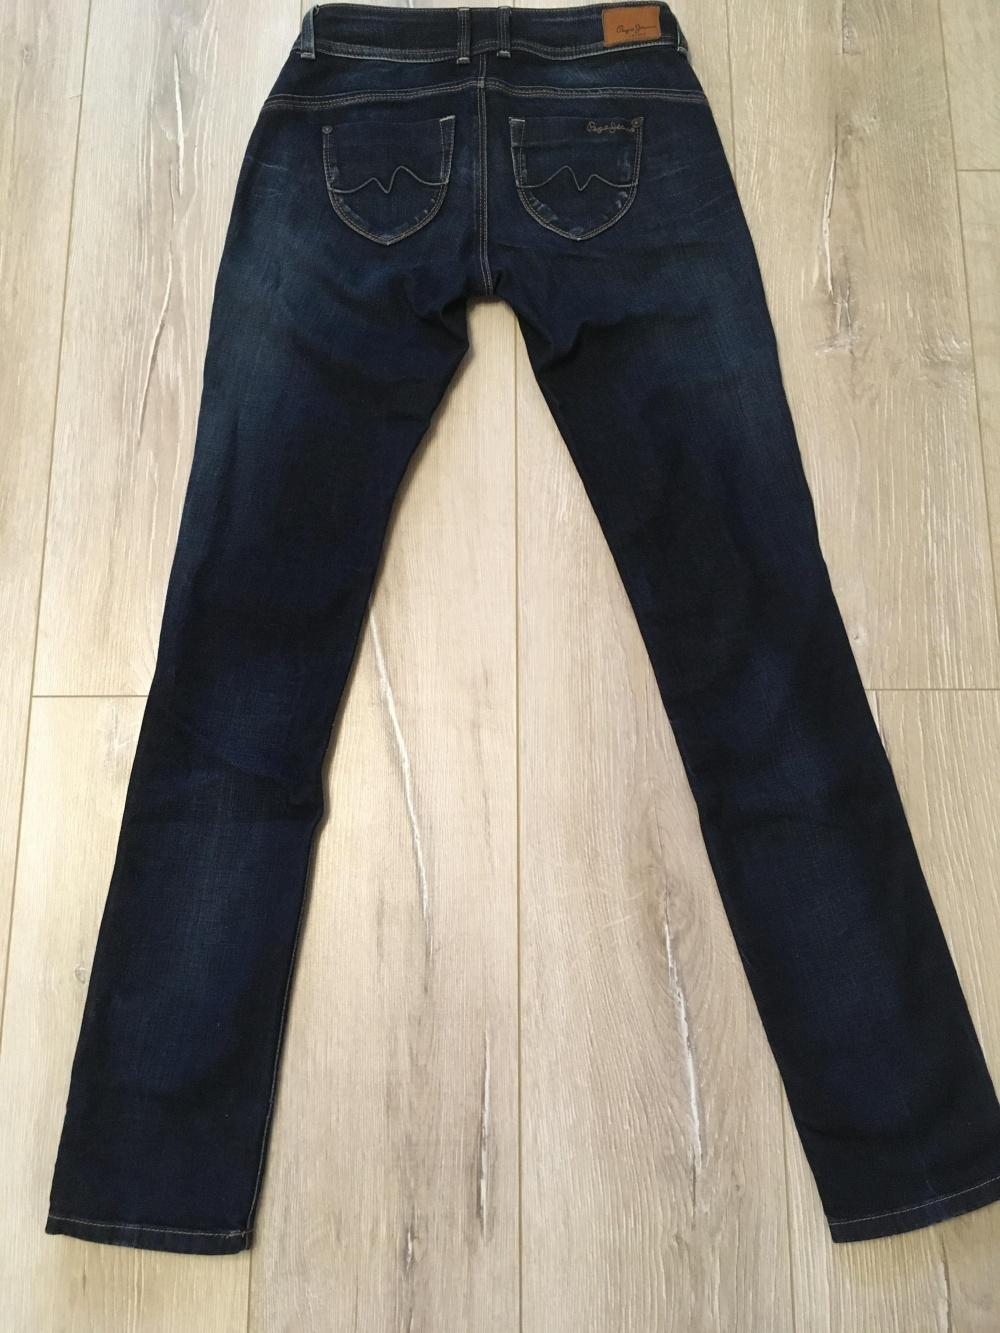 Джинсы Рере Jeans London, 25 р.